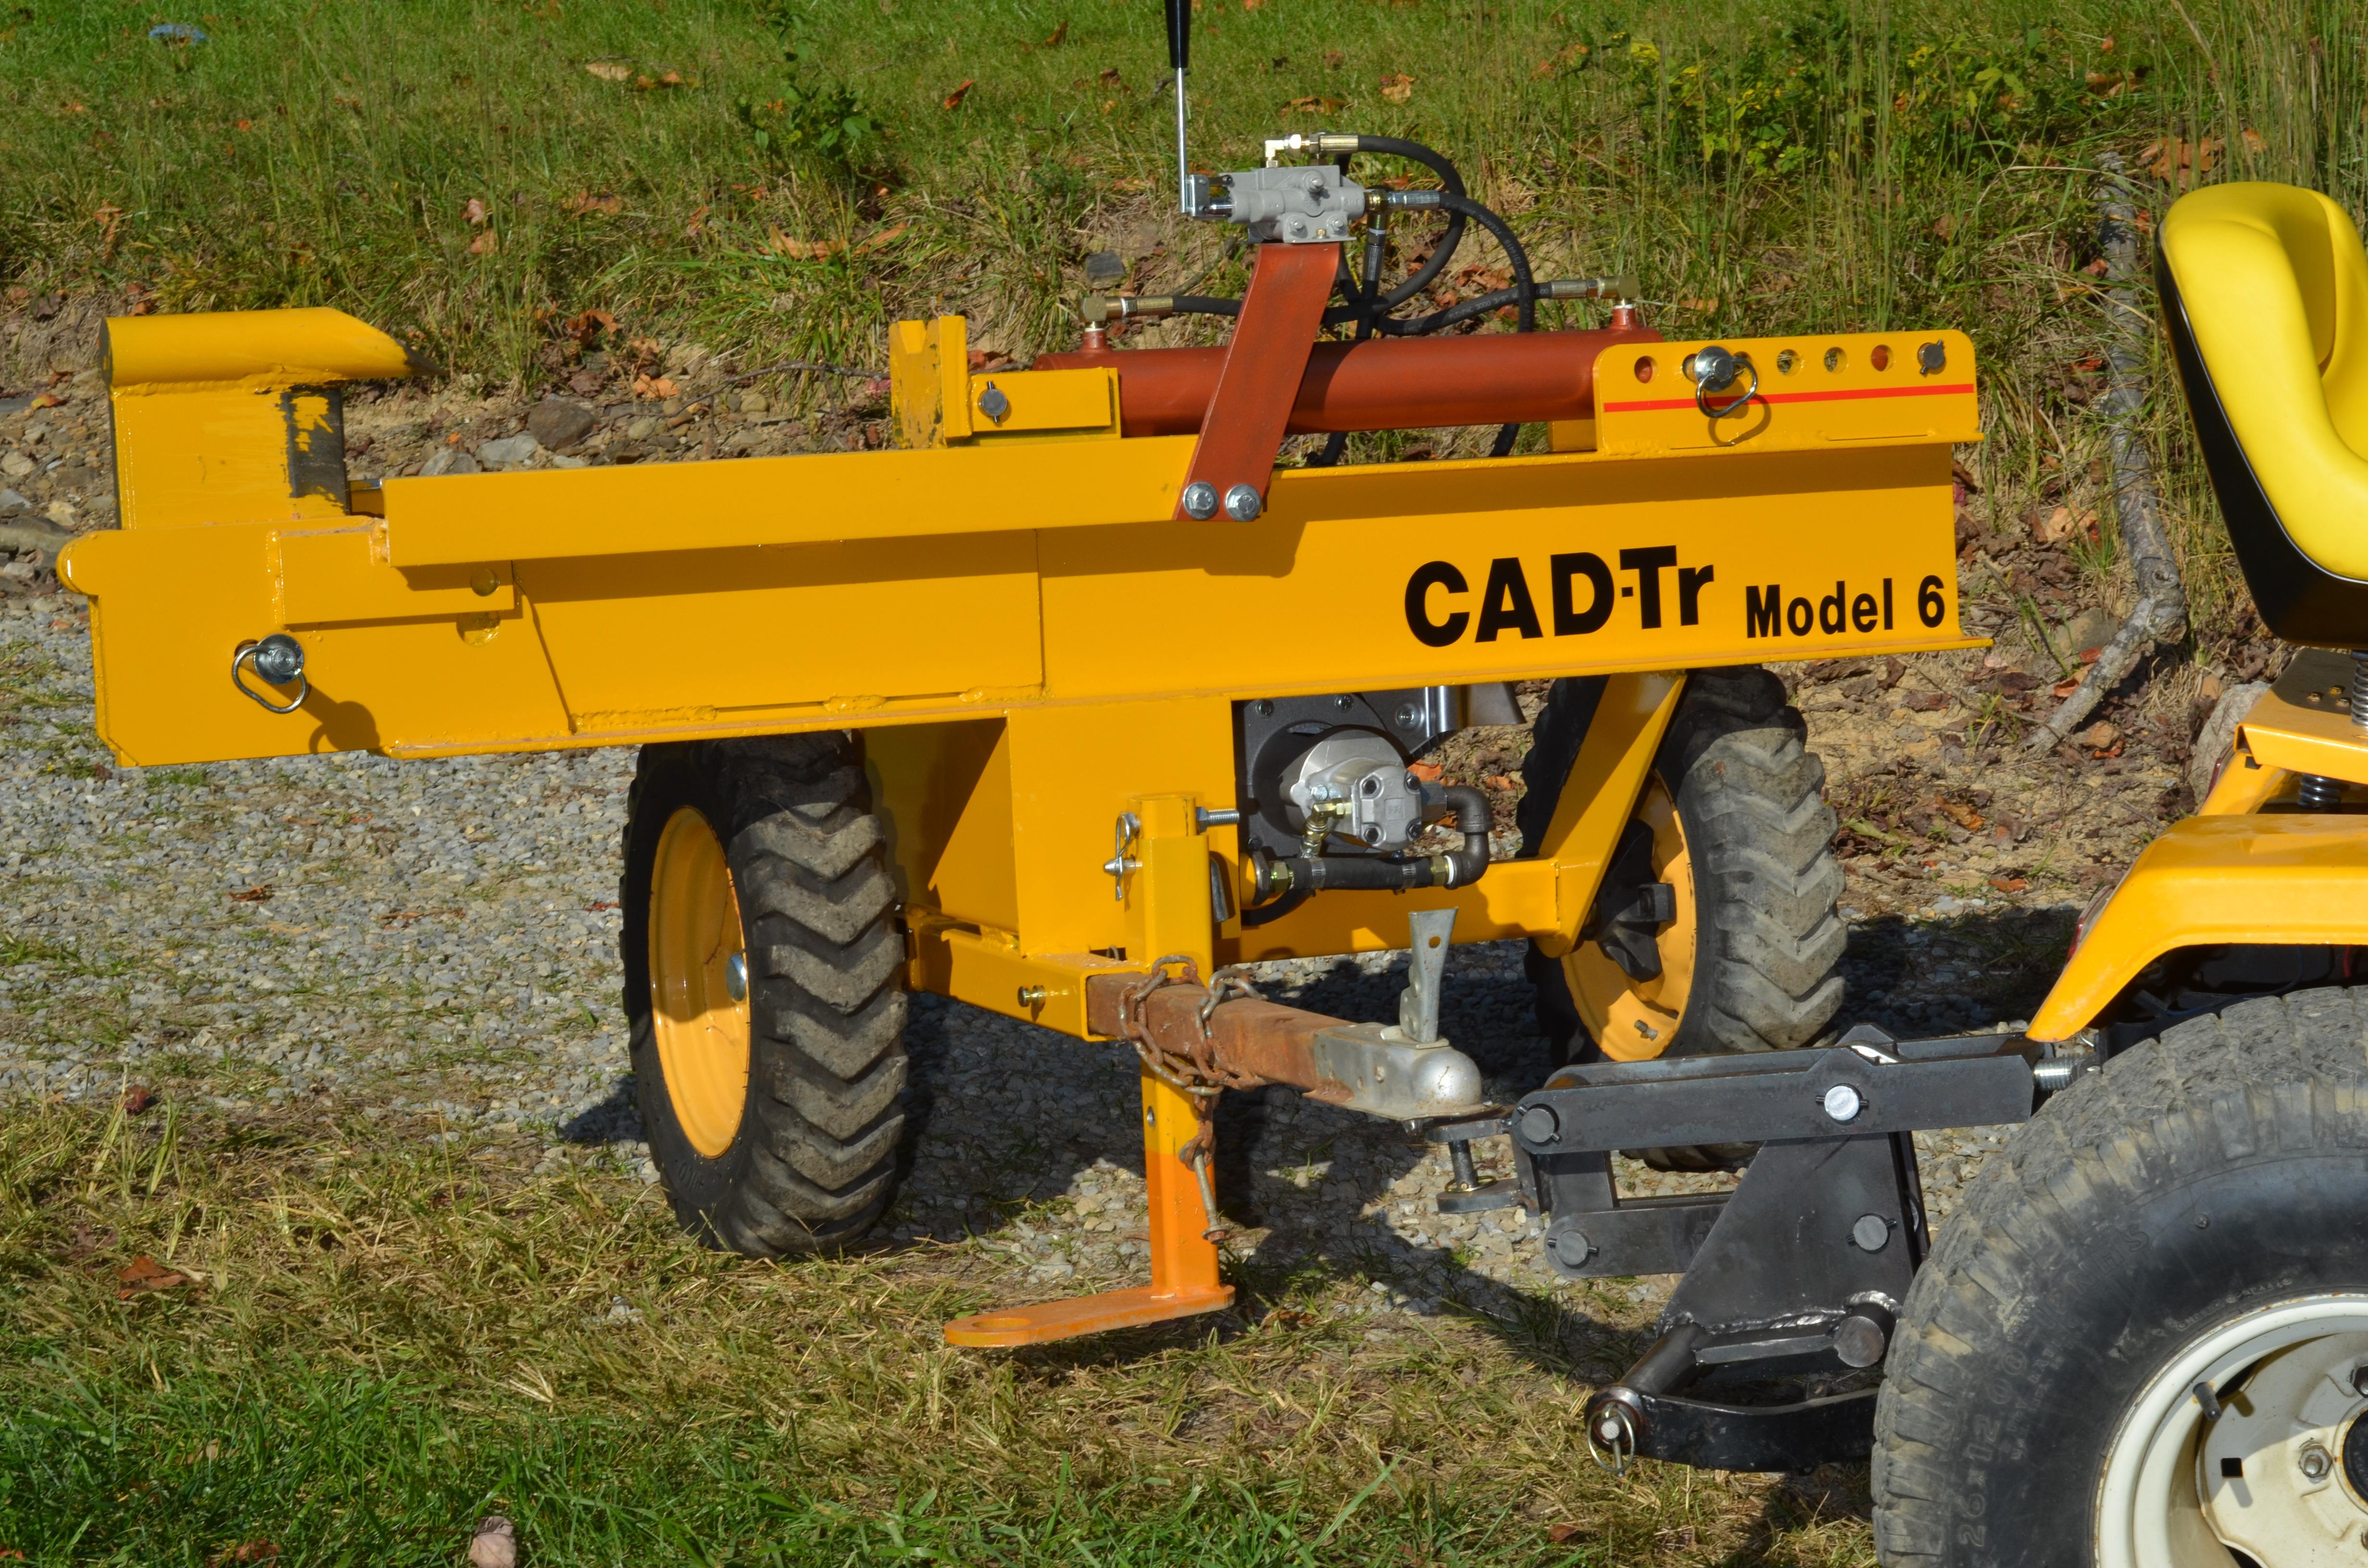 CAD Tr Model 6